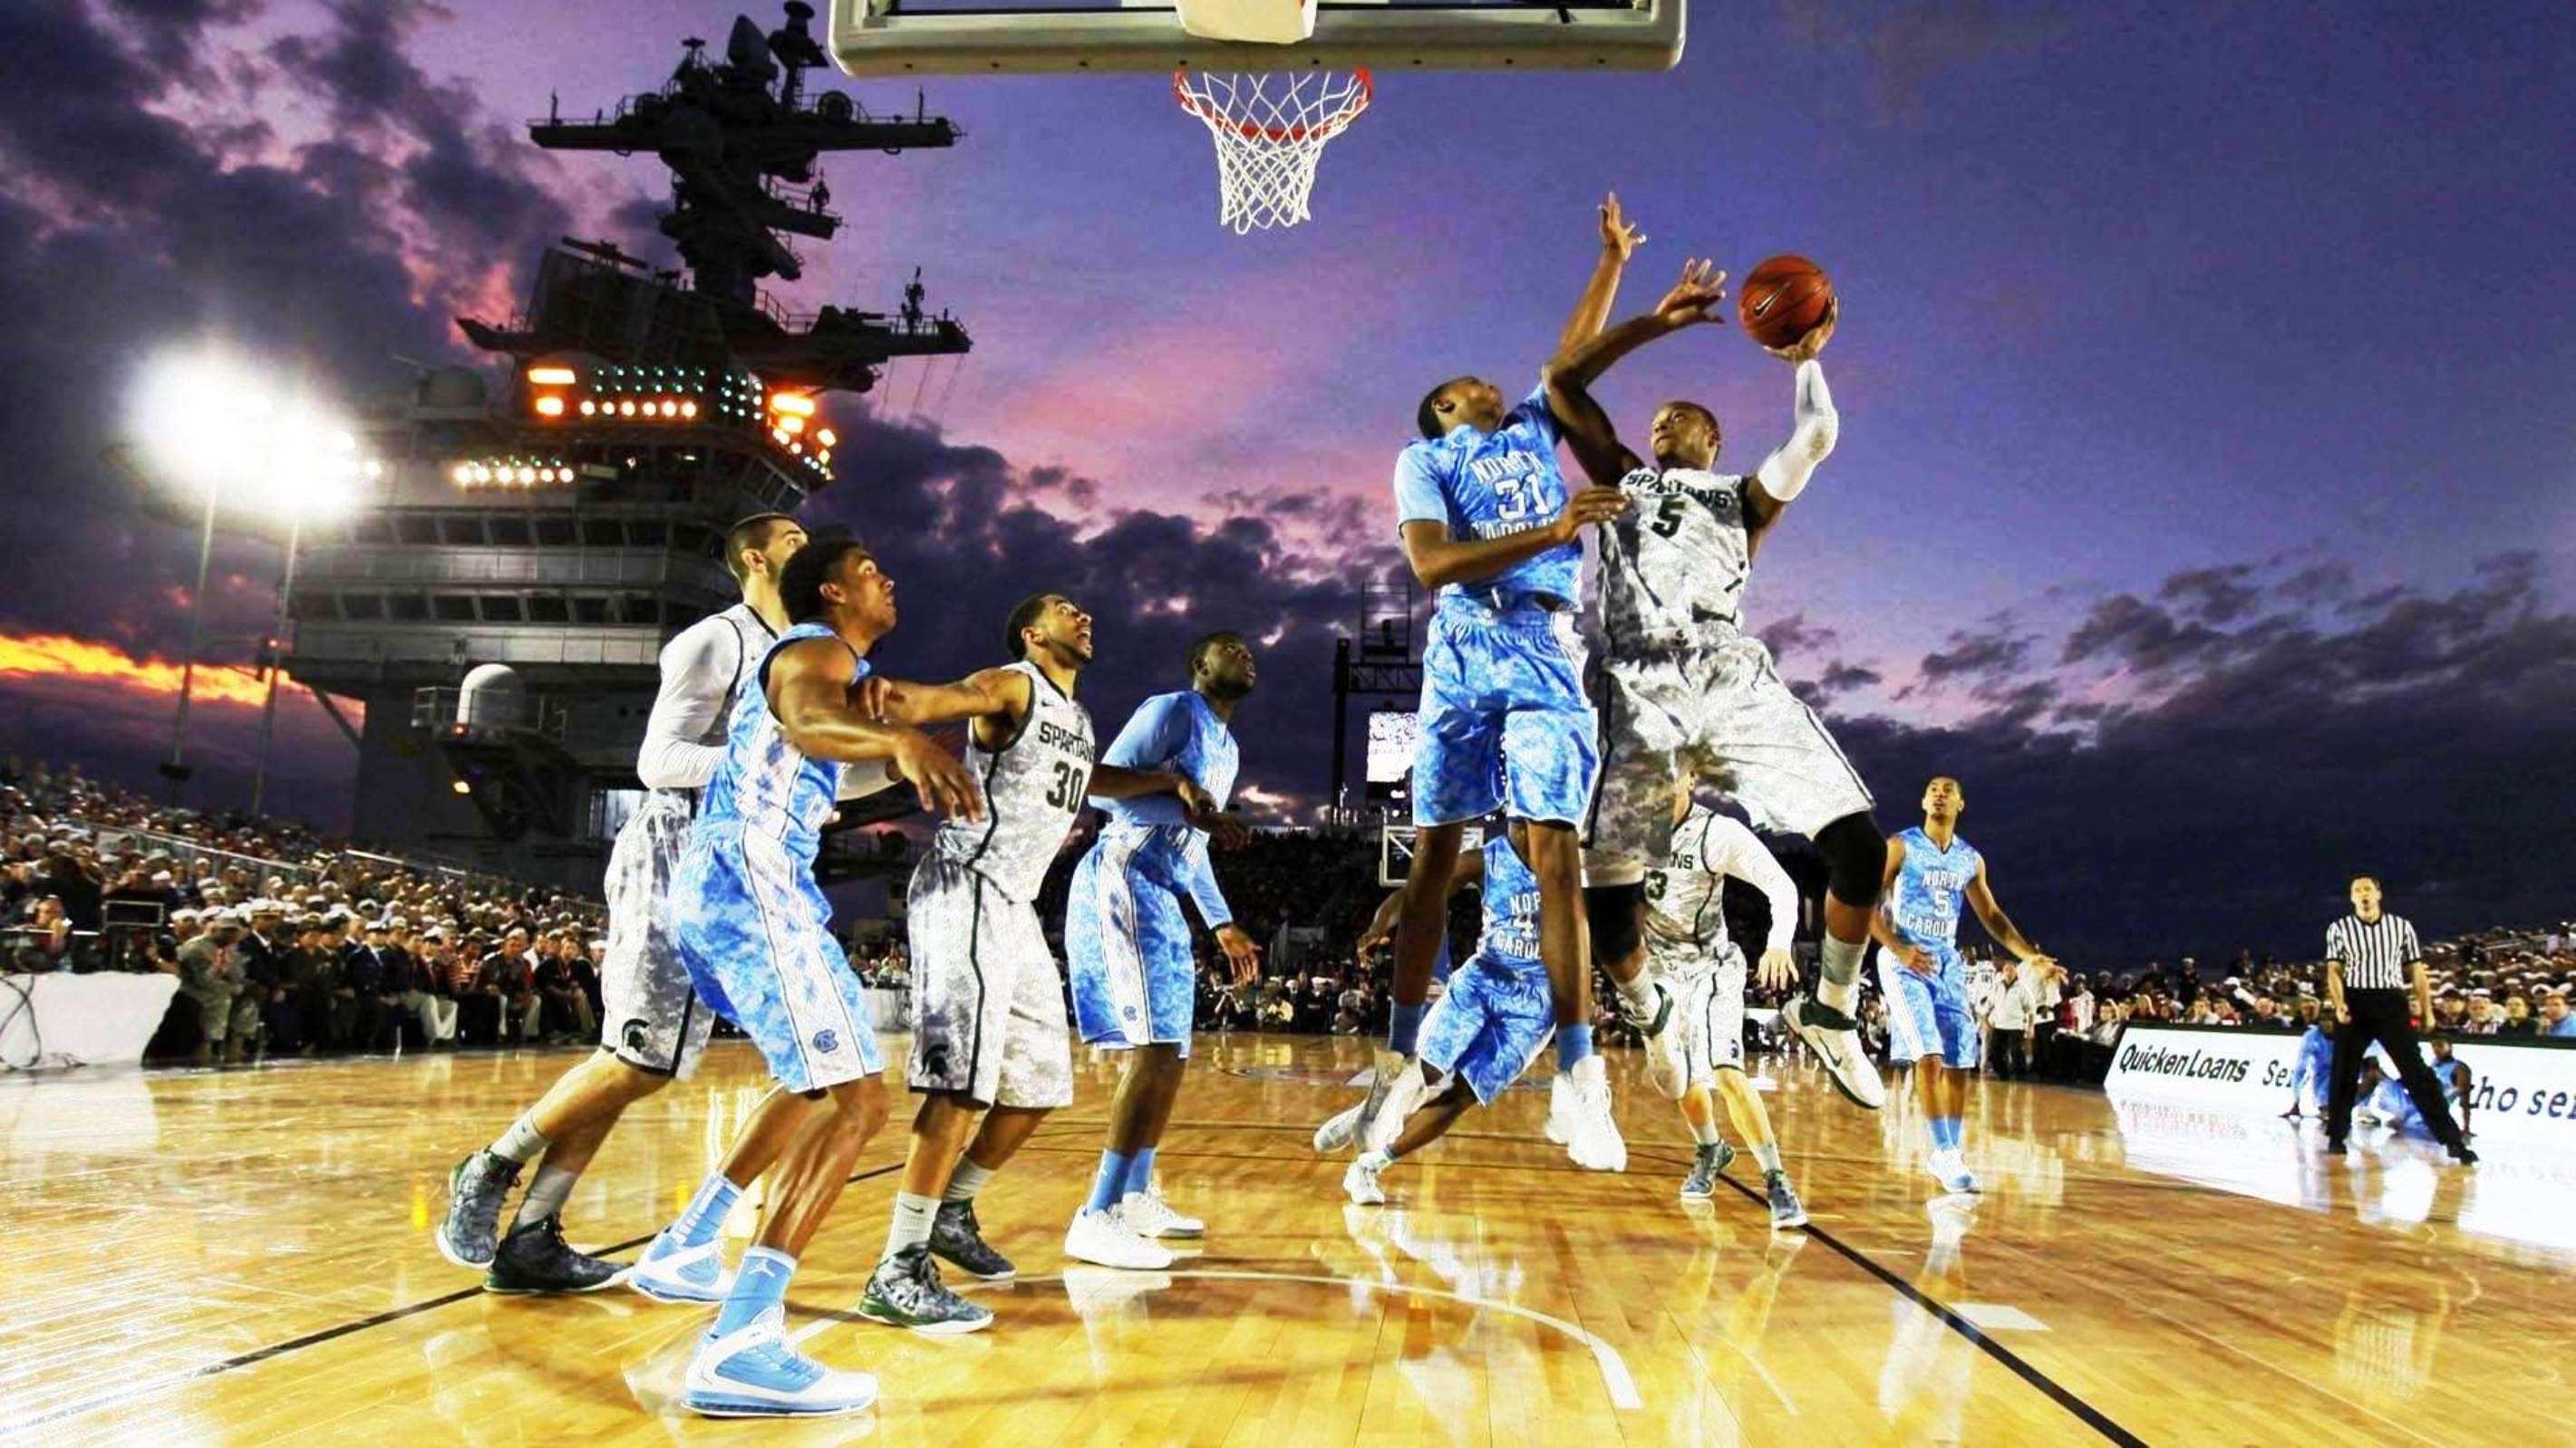 nike basketball wallpapers 2016 - photo #4